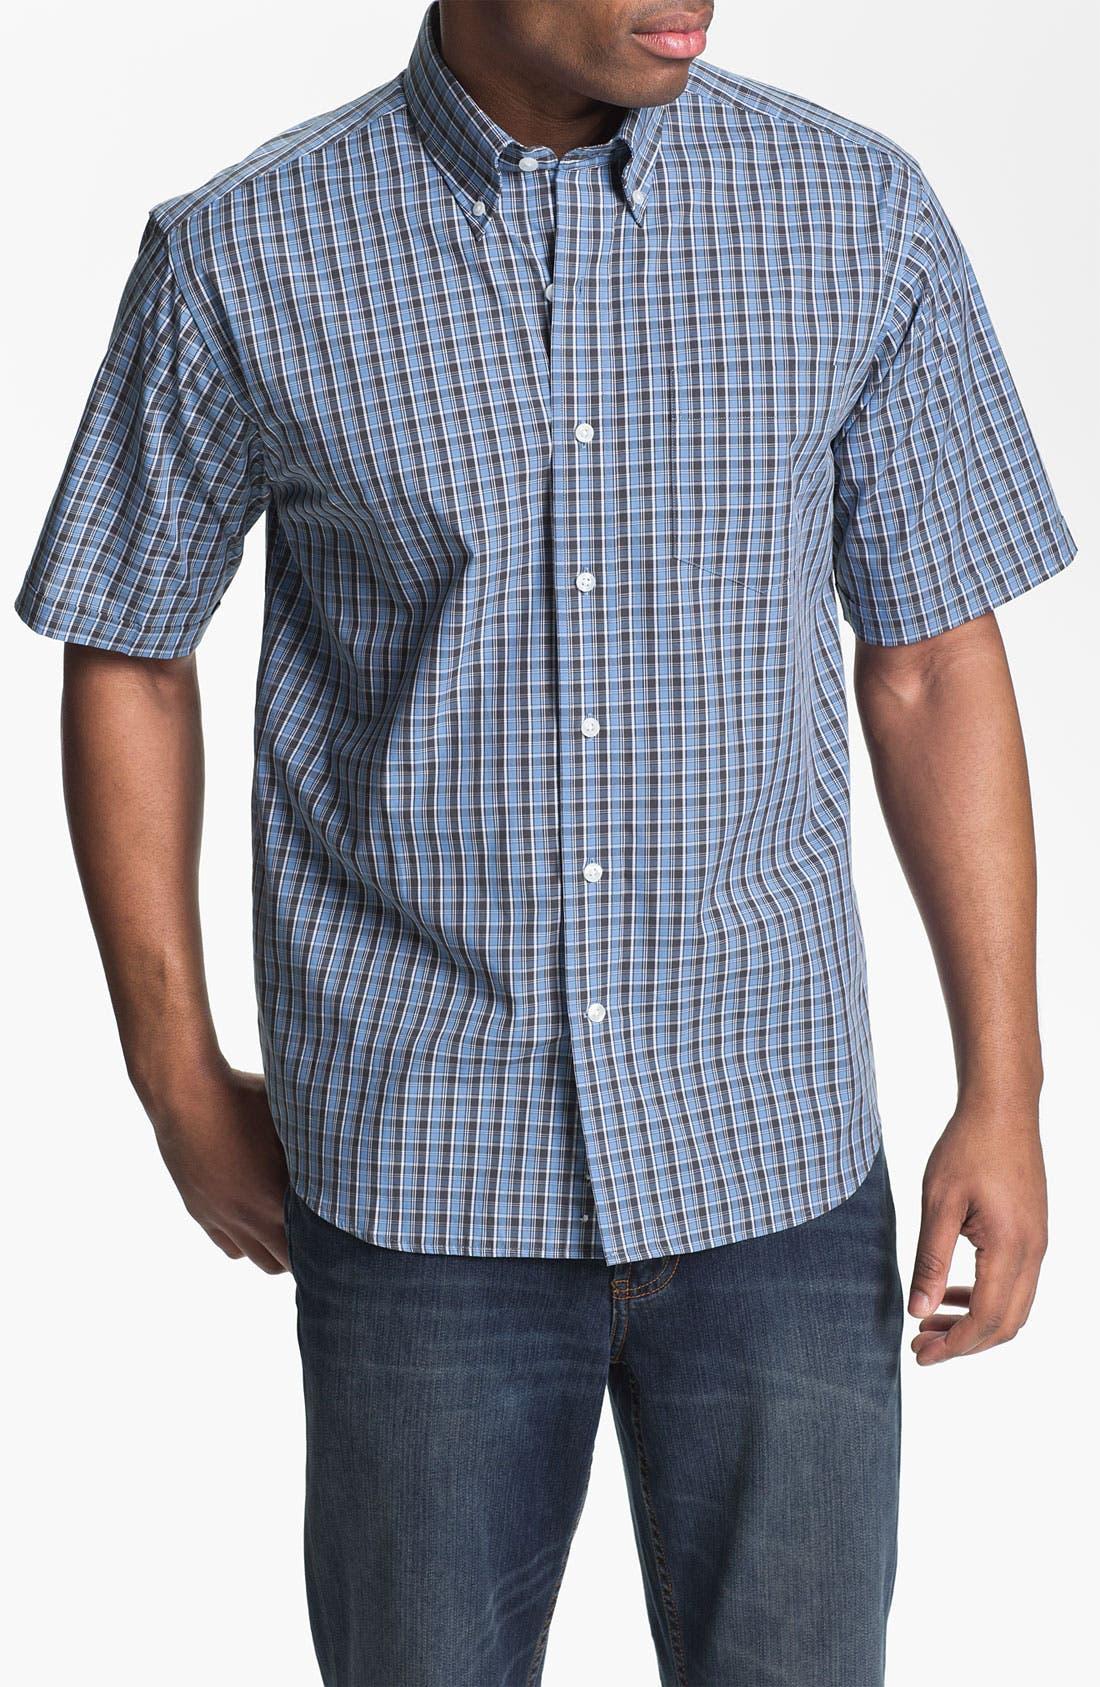 Main Image - Cutter & Buck 'Midvale' Check Sport Shirt (Big & Tall)